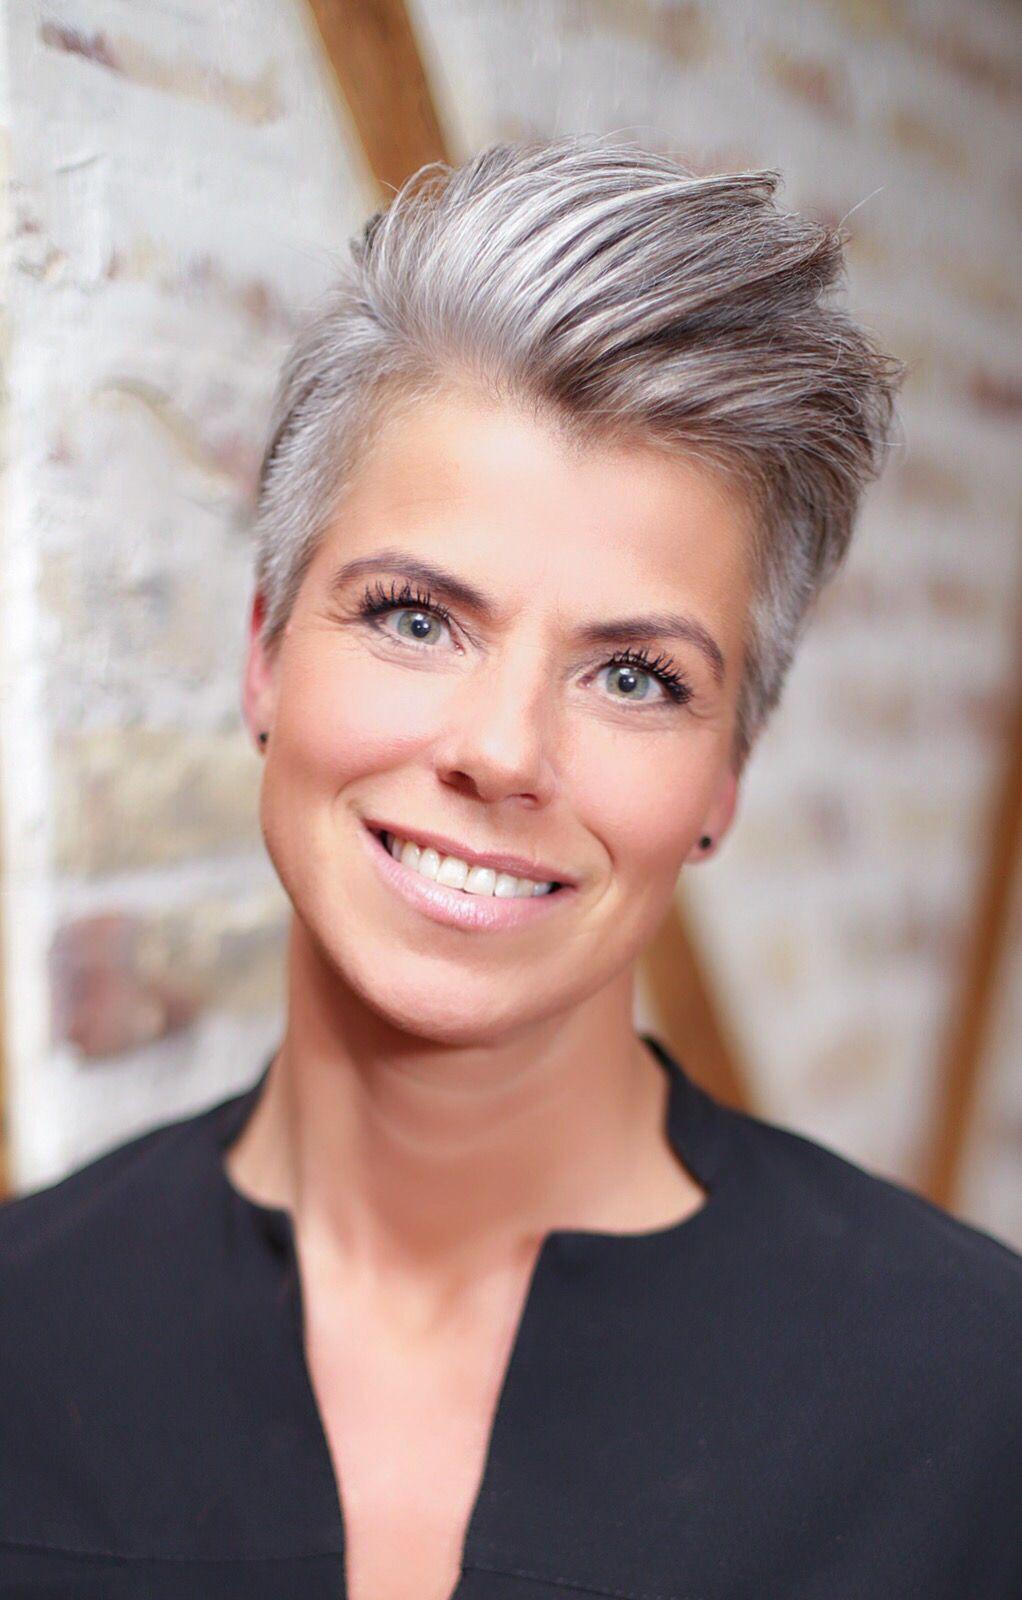 стрижка канадка 2020 для женщин 40-50 лет фото 8